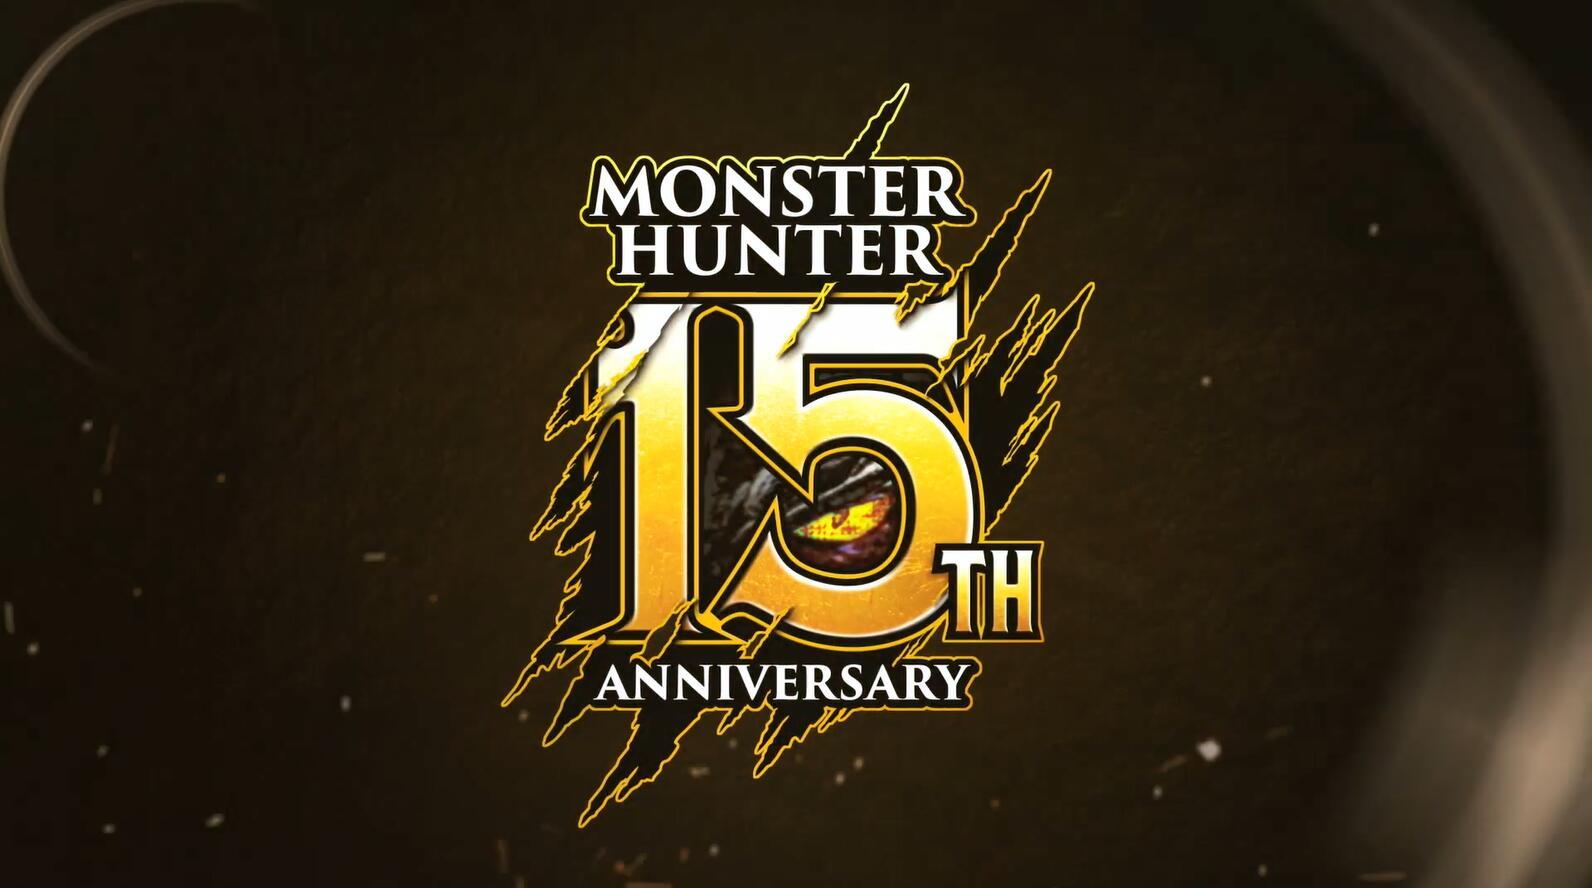 生命不息狩猎不止!《怪物猎人》15周年官方纪念视频